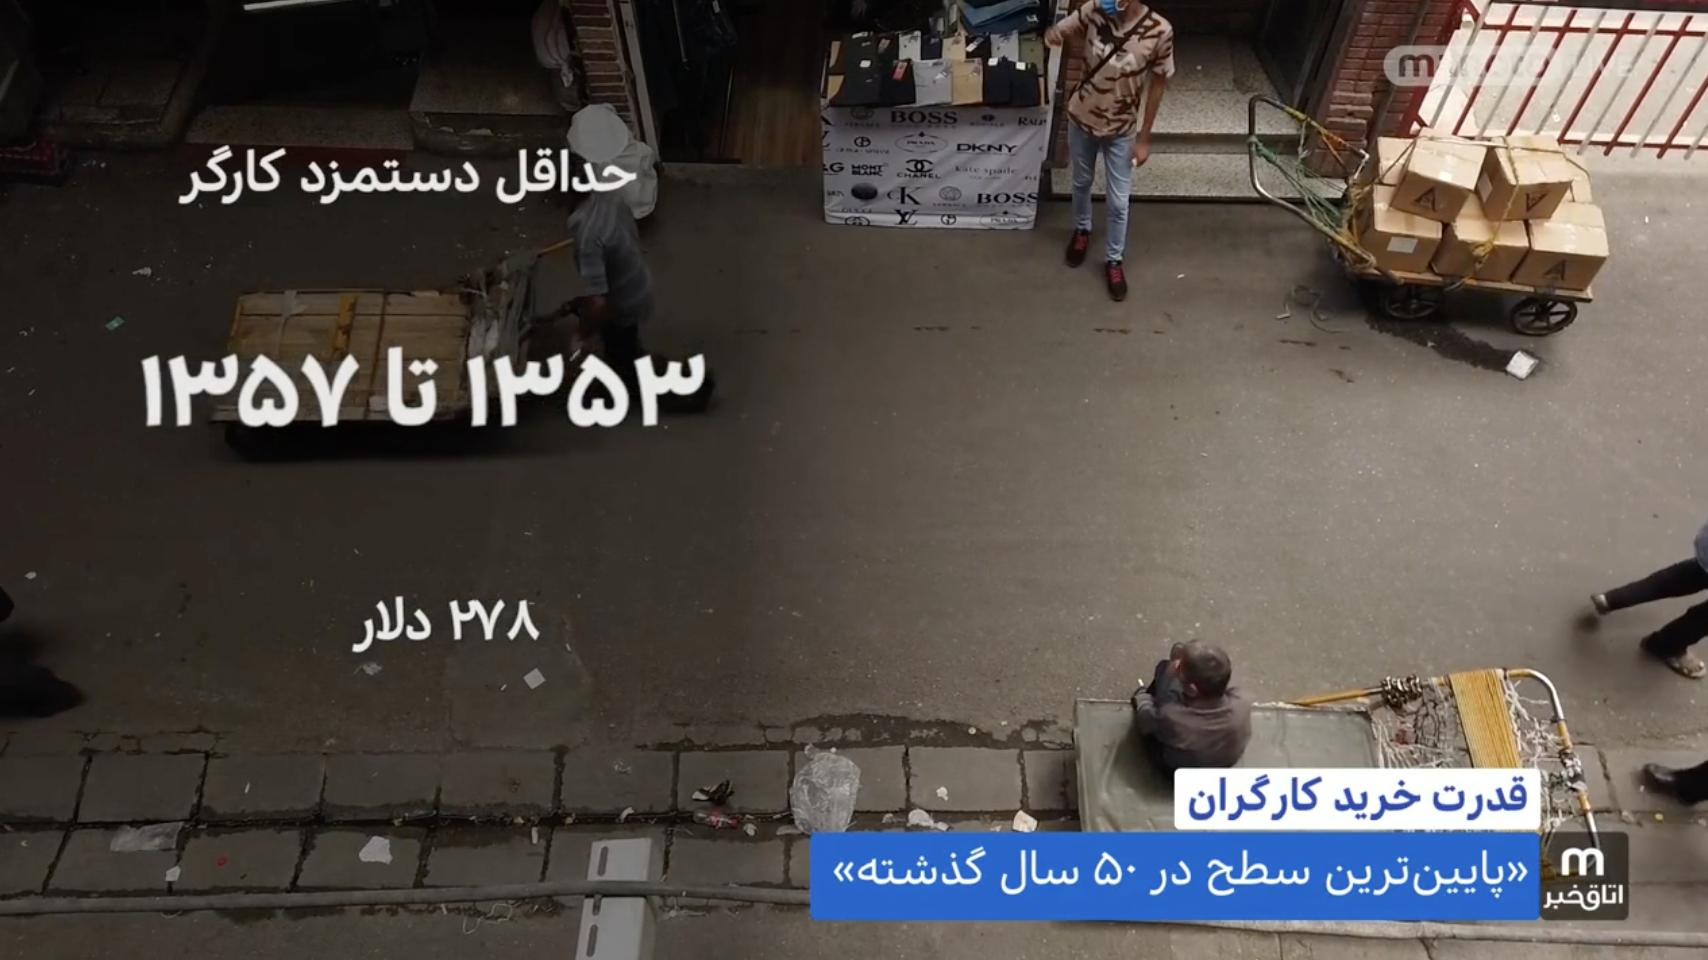 قدرت خرید کارگر ایرانی به پایینترین سطح در نیم قرن گذشته رسیده